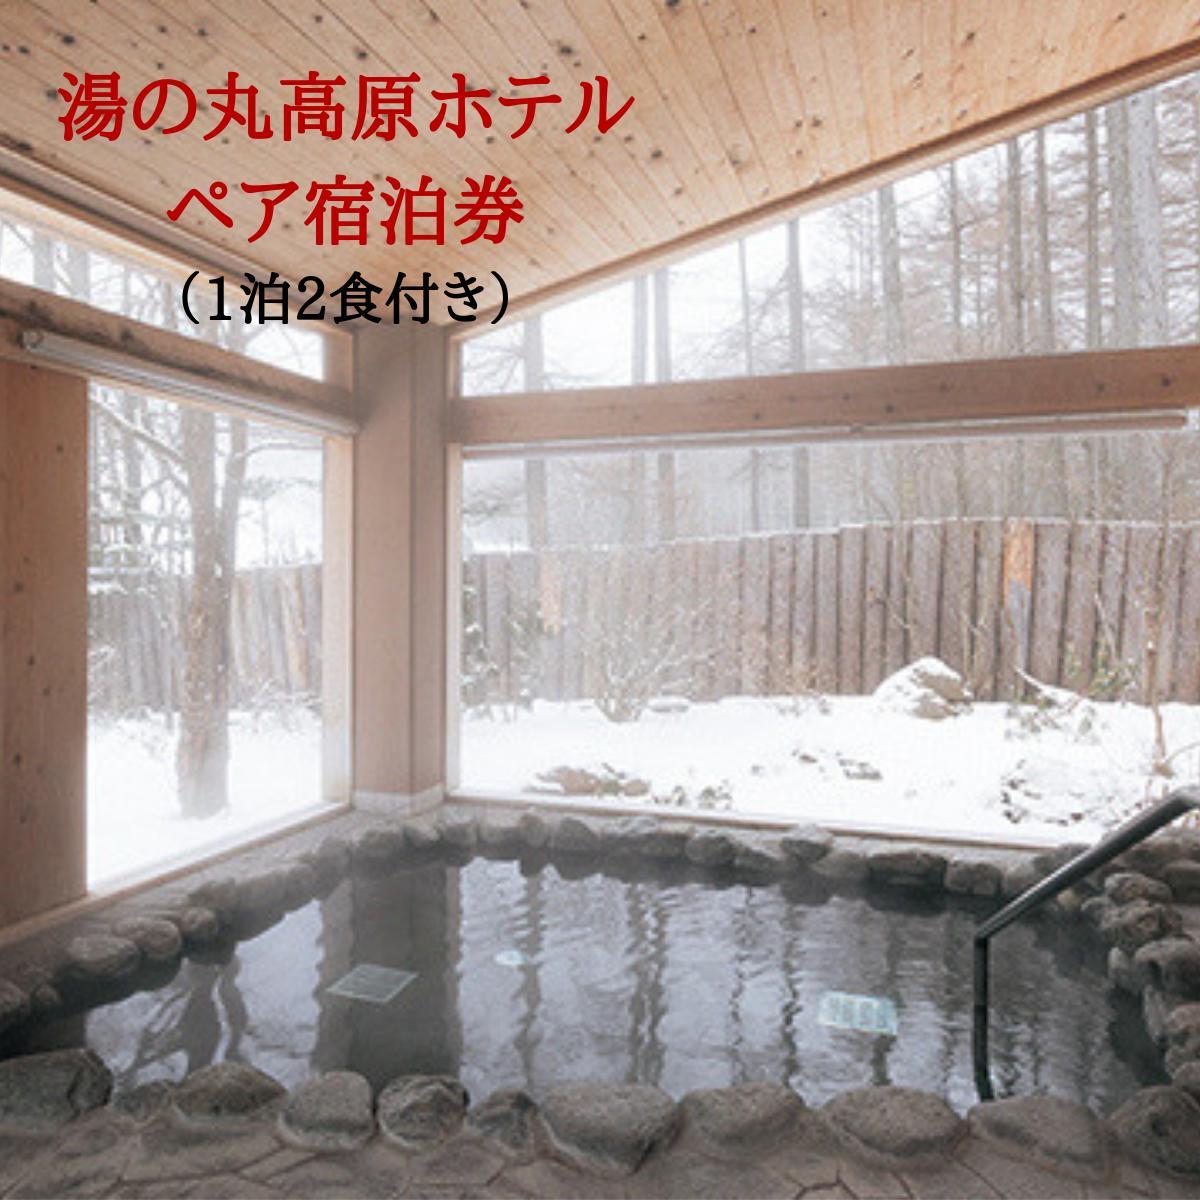 【ふるさと納税】湯の丸高原ホテル ペア宿泊券